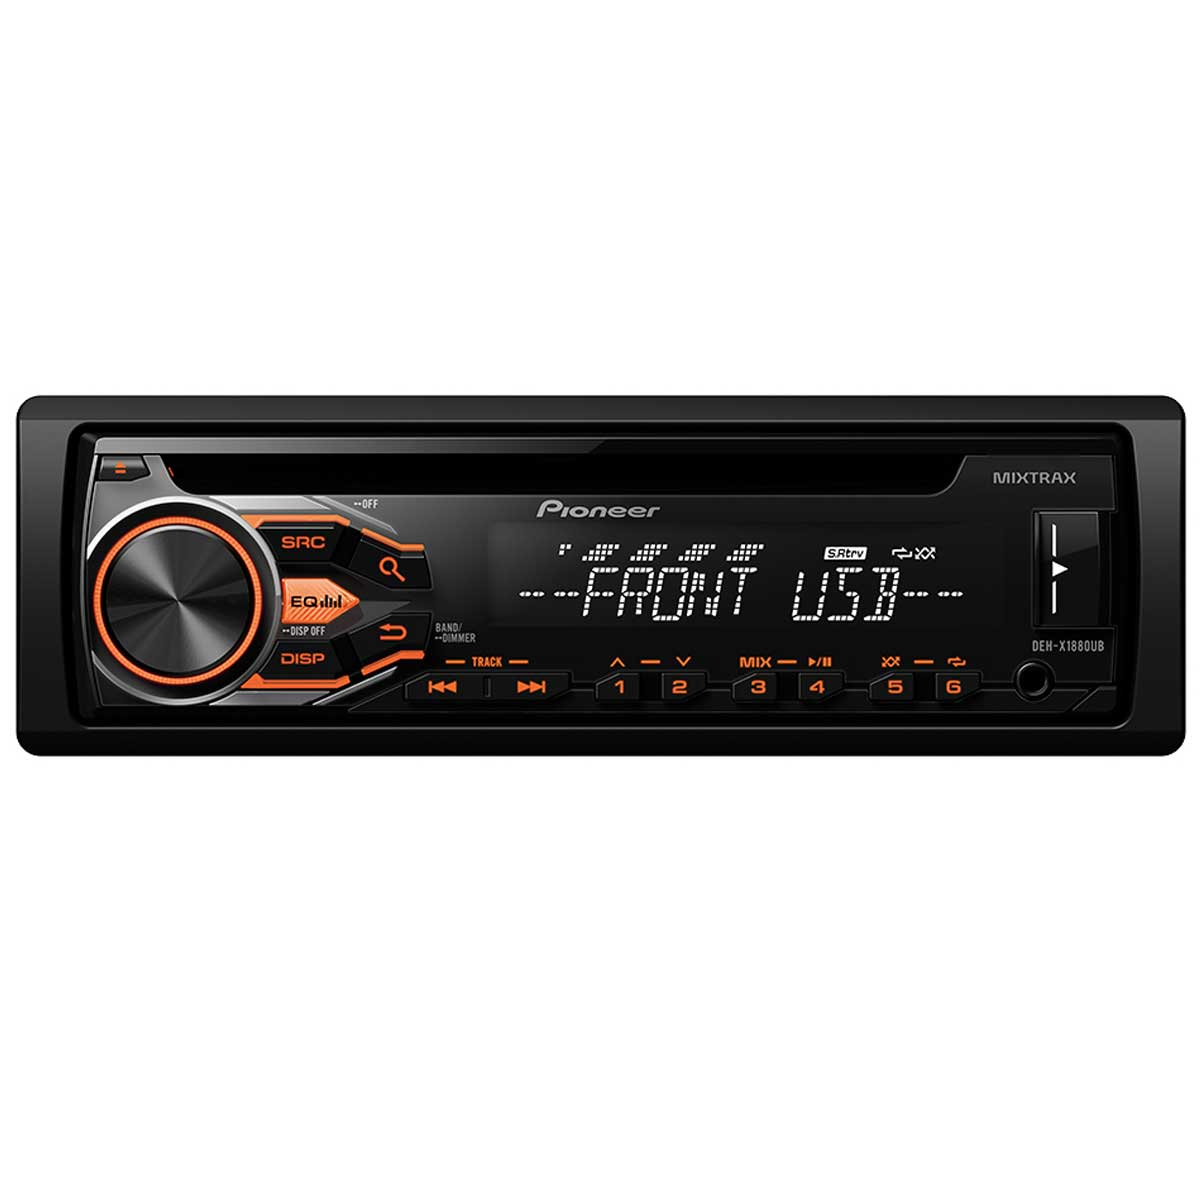 c3bca996c AUTO RADIO PIONEER – VipInformatica